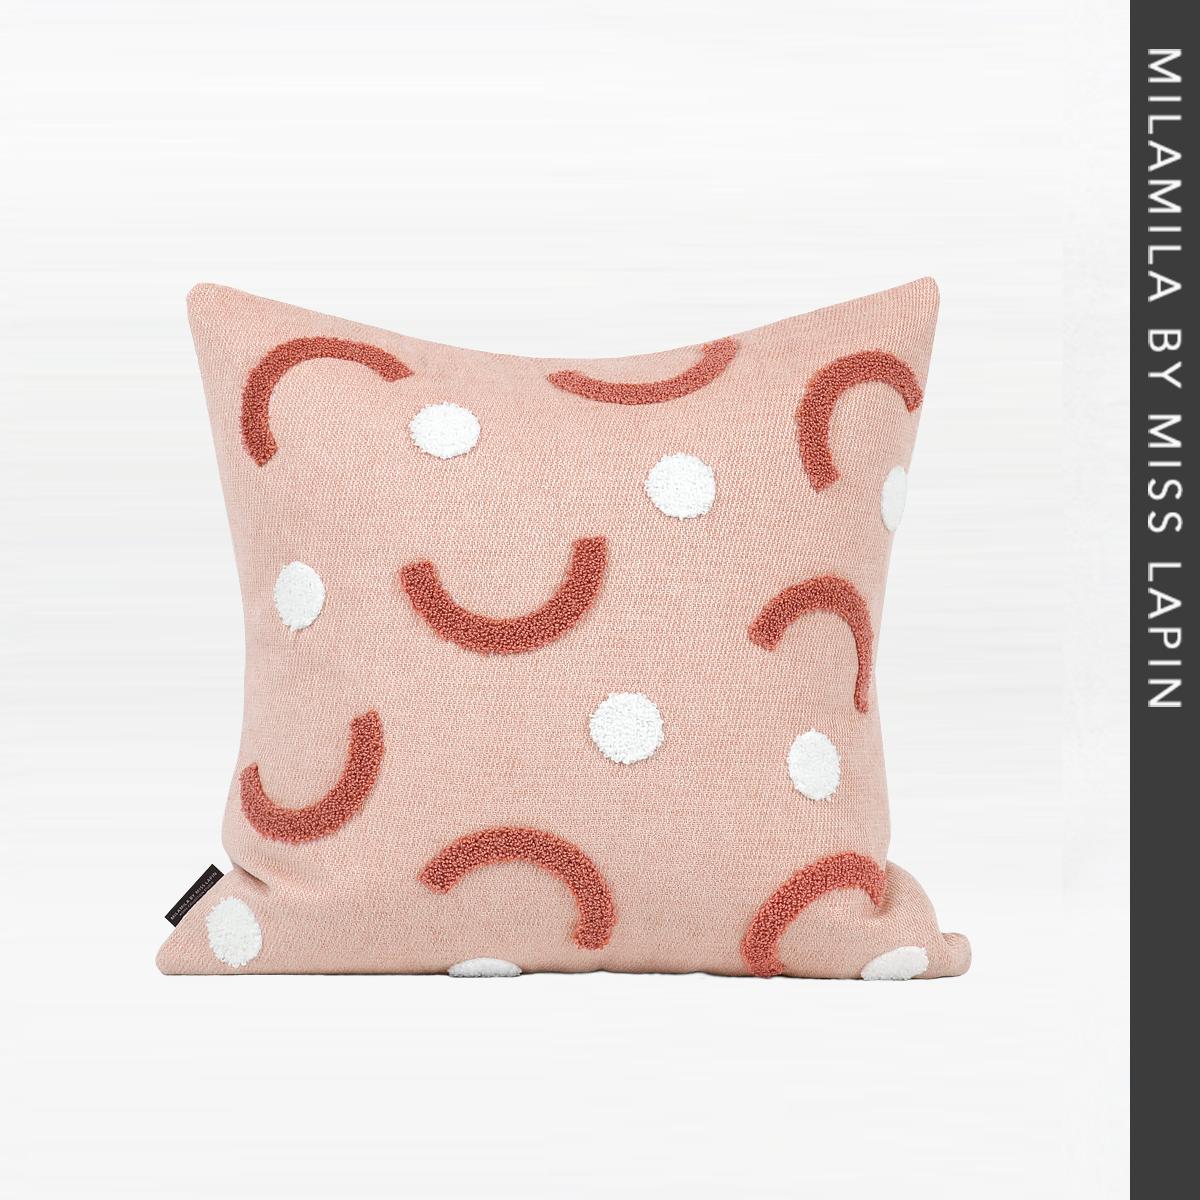 ملكة جمال LAPIN غطاء الوسادة وجوه مبتسم منشفة التطريز مصمم نمط الوردي وسادة غطاء 45x45 سنتيمتر الساخن بيع